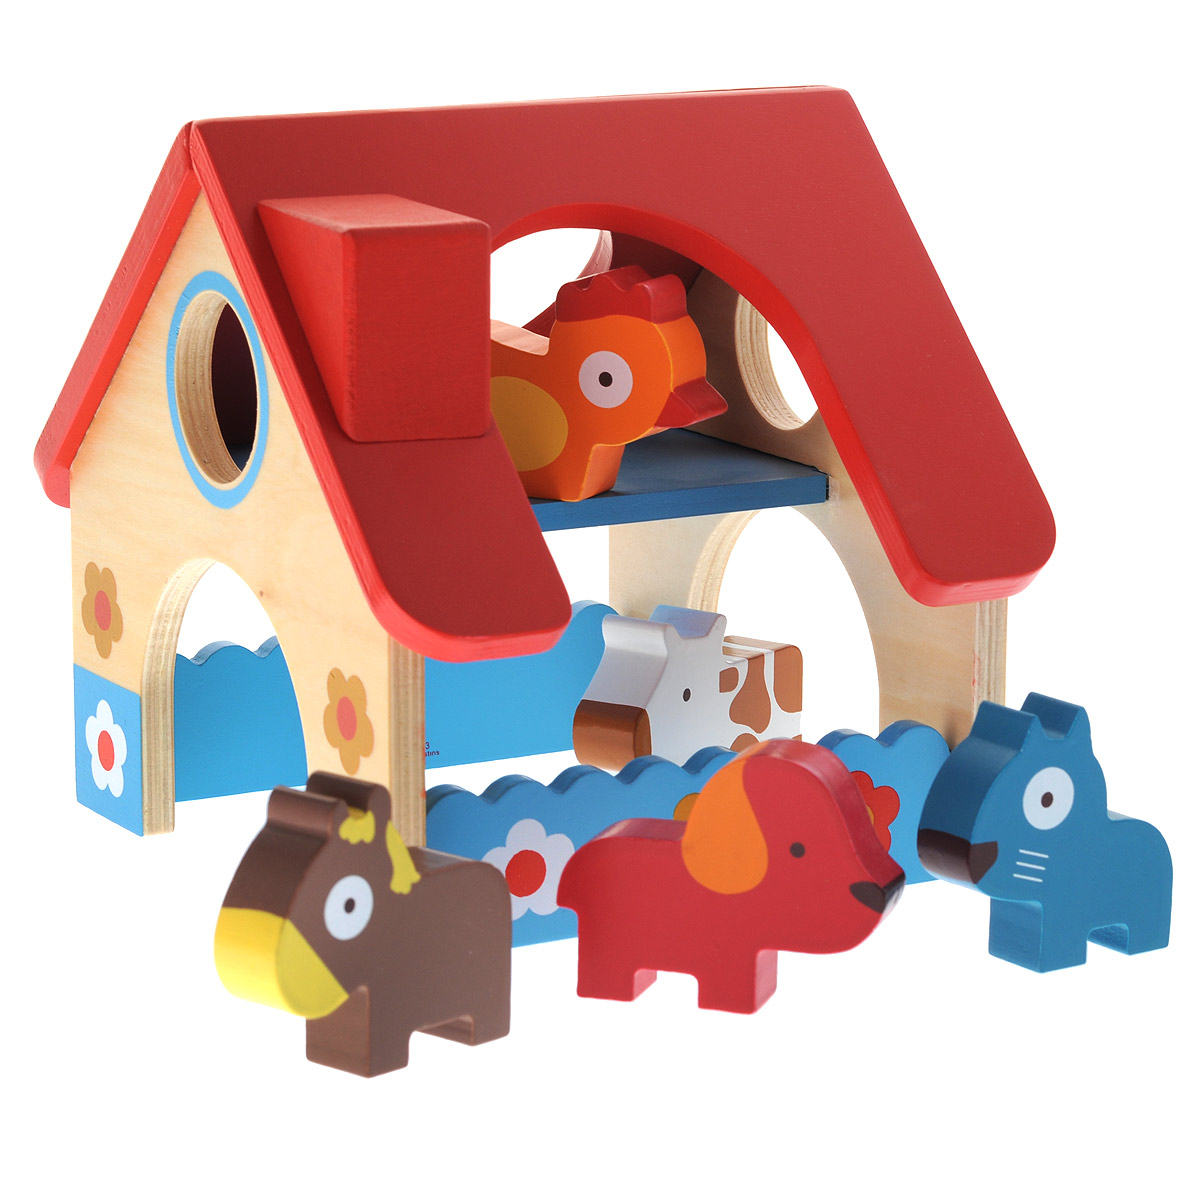 Djeco Игровой набор Деревянная ферма игровые наборы игрушки из дерева развивающая игрушка игровой набор ферма